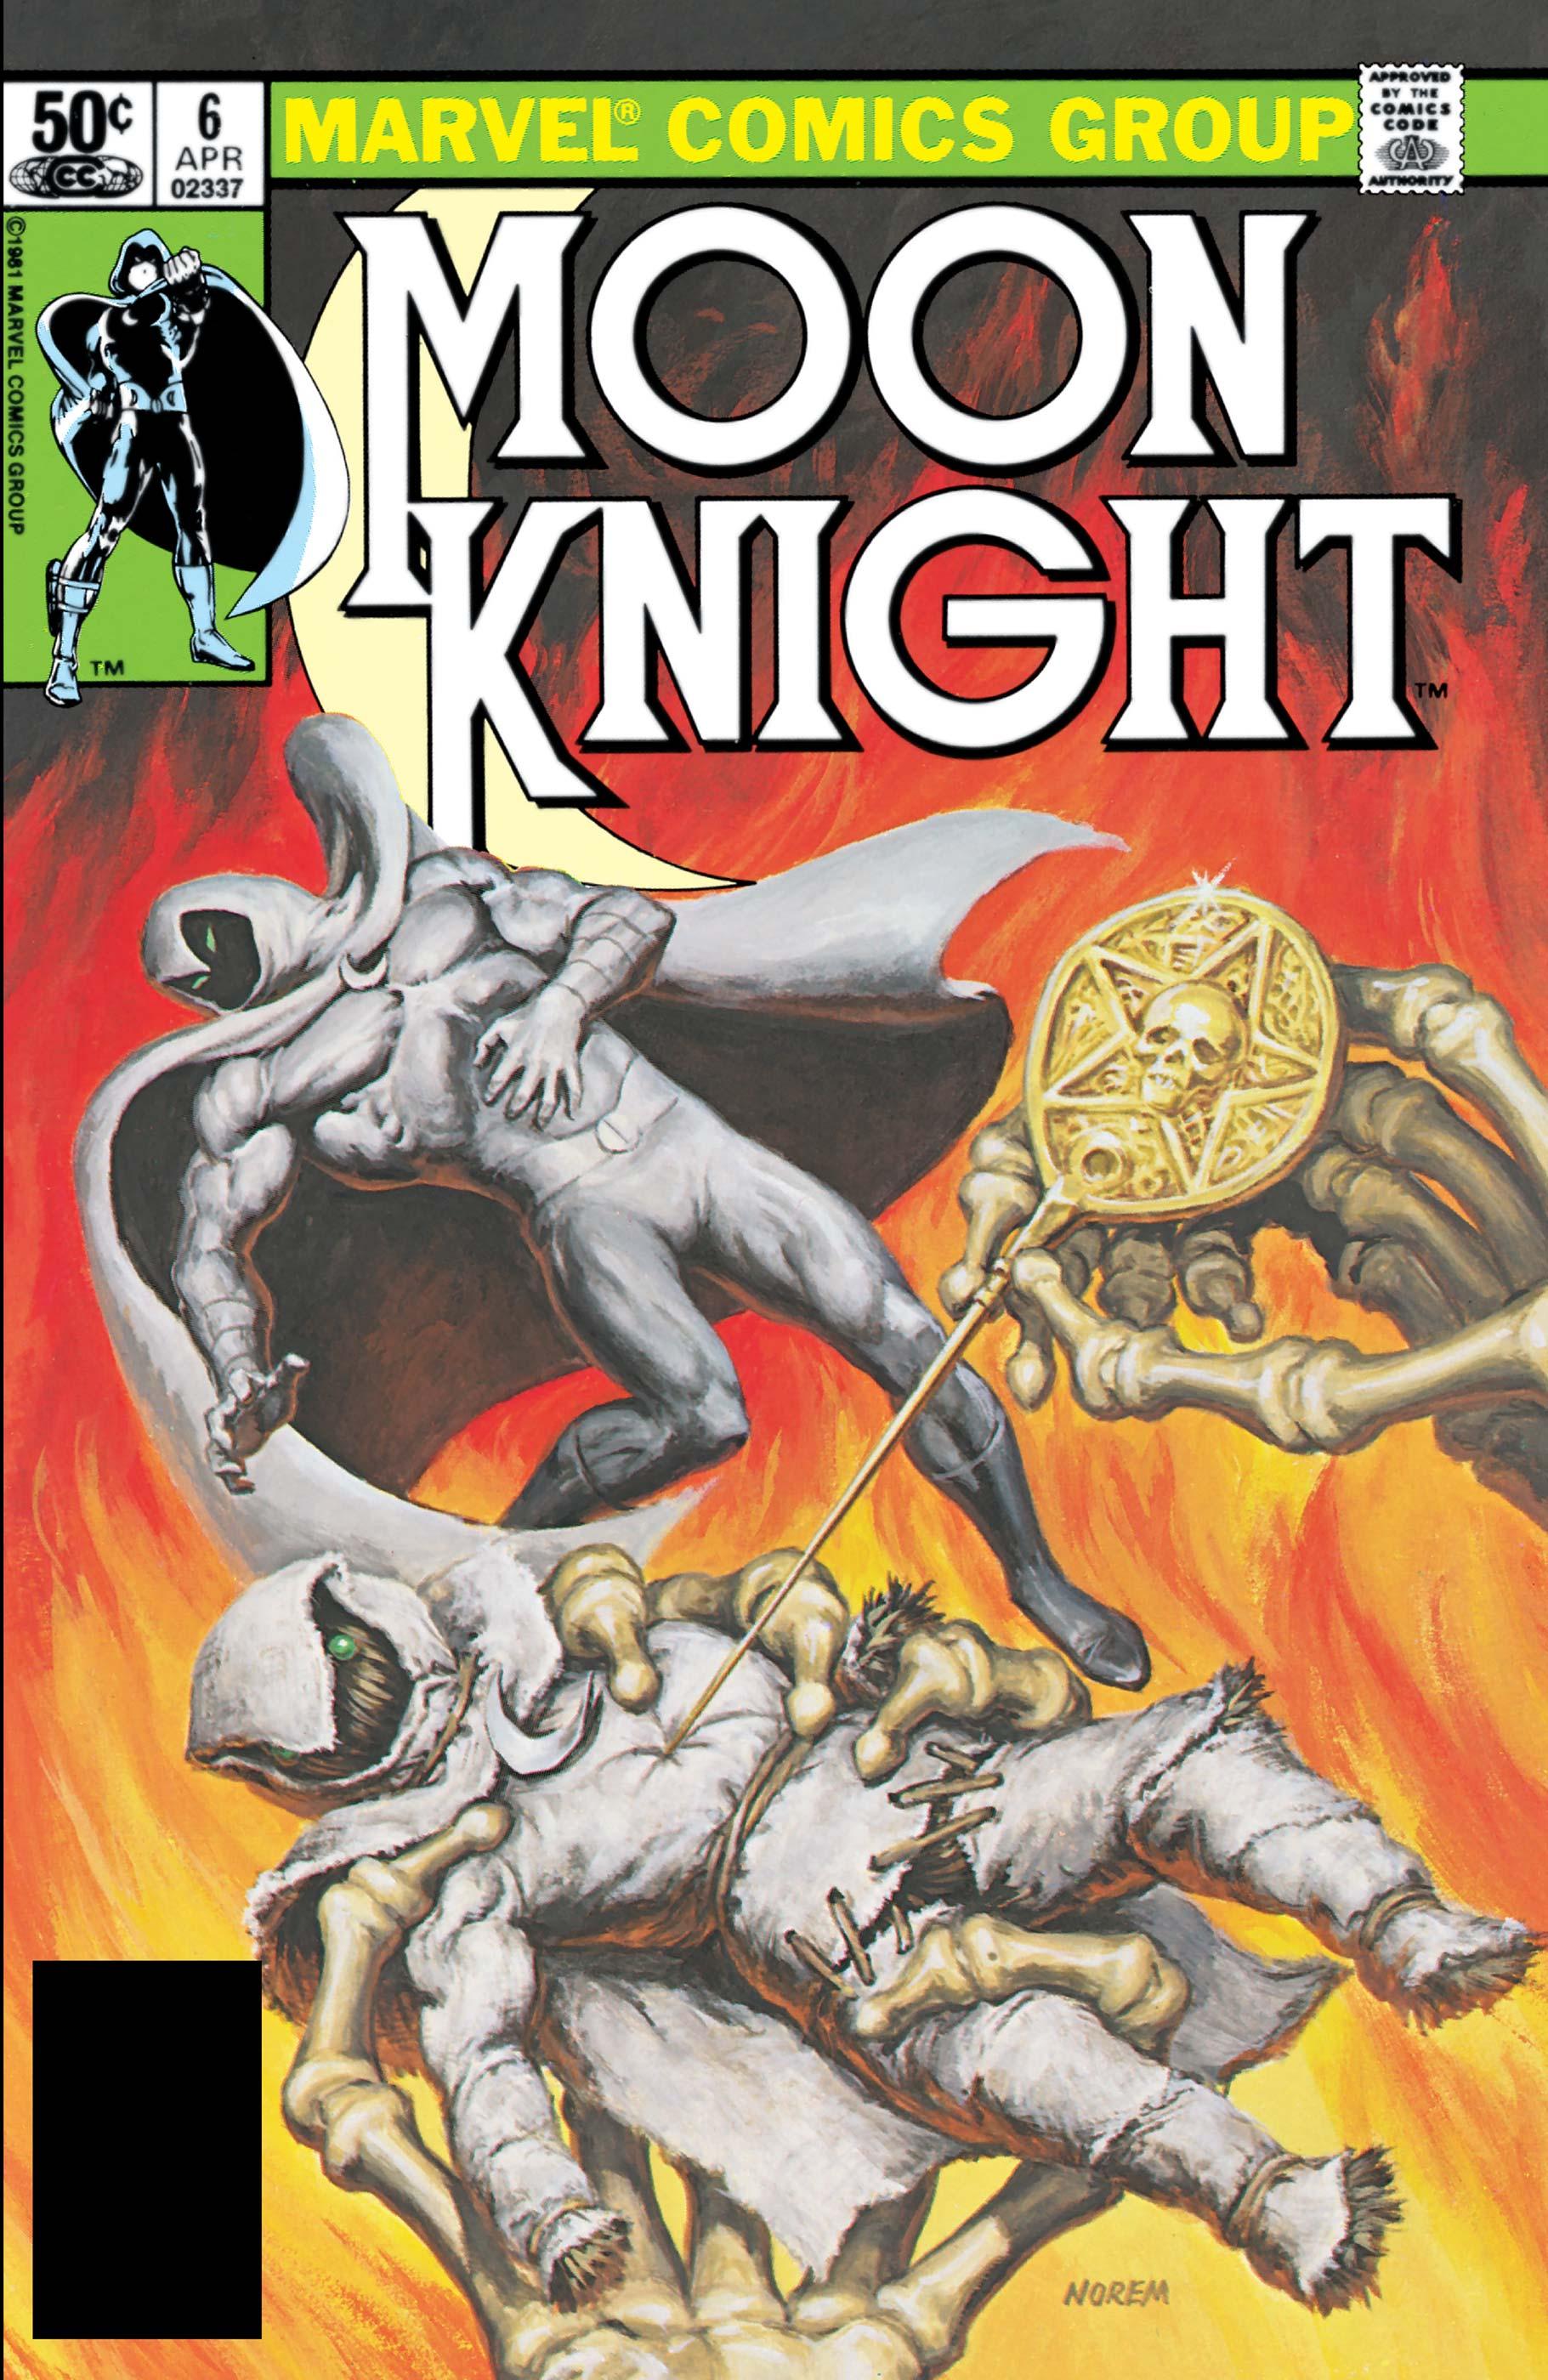 Moon Knight (1980) #6